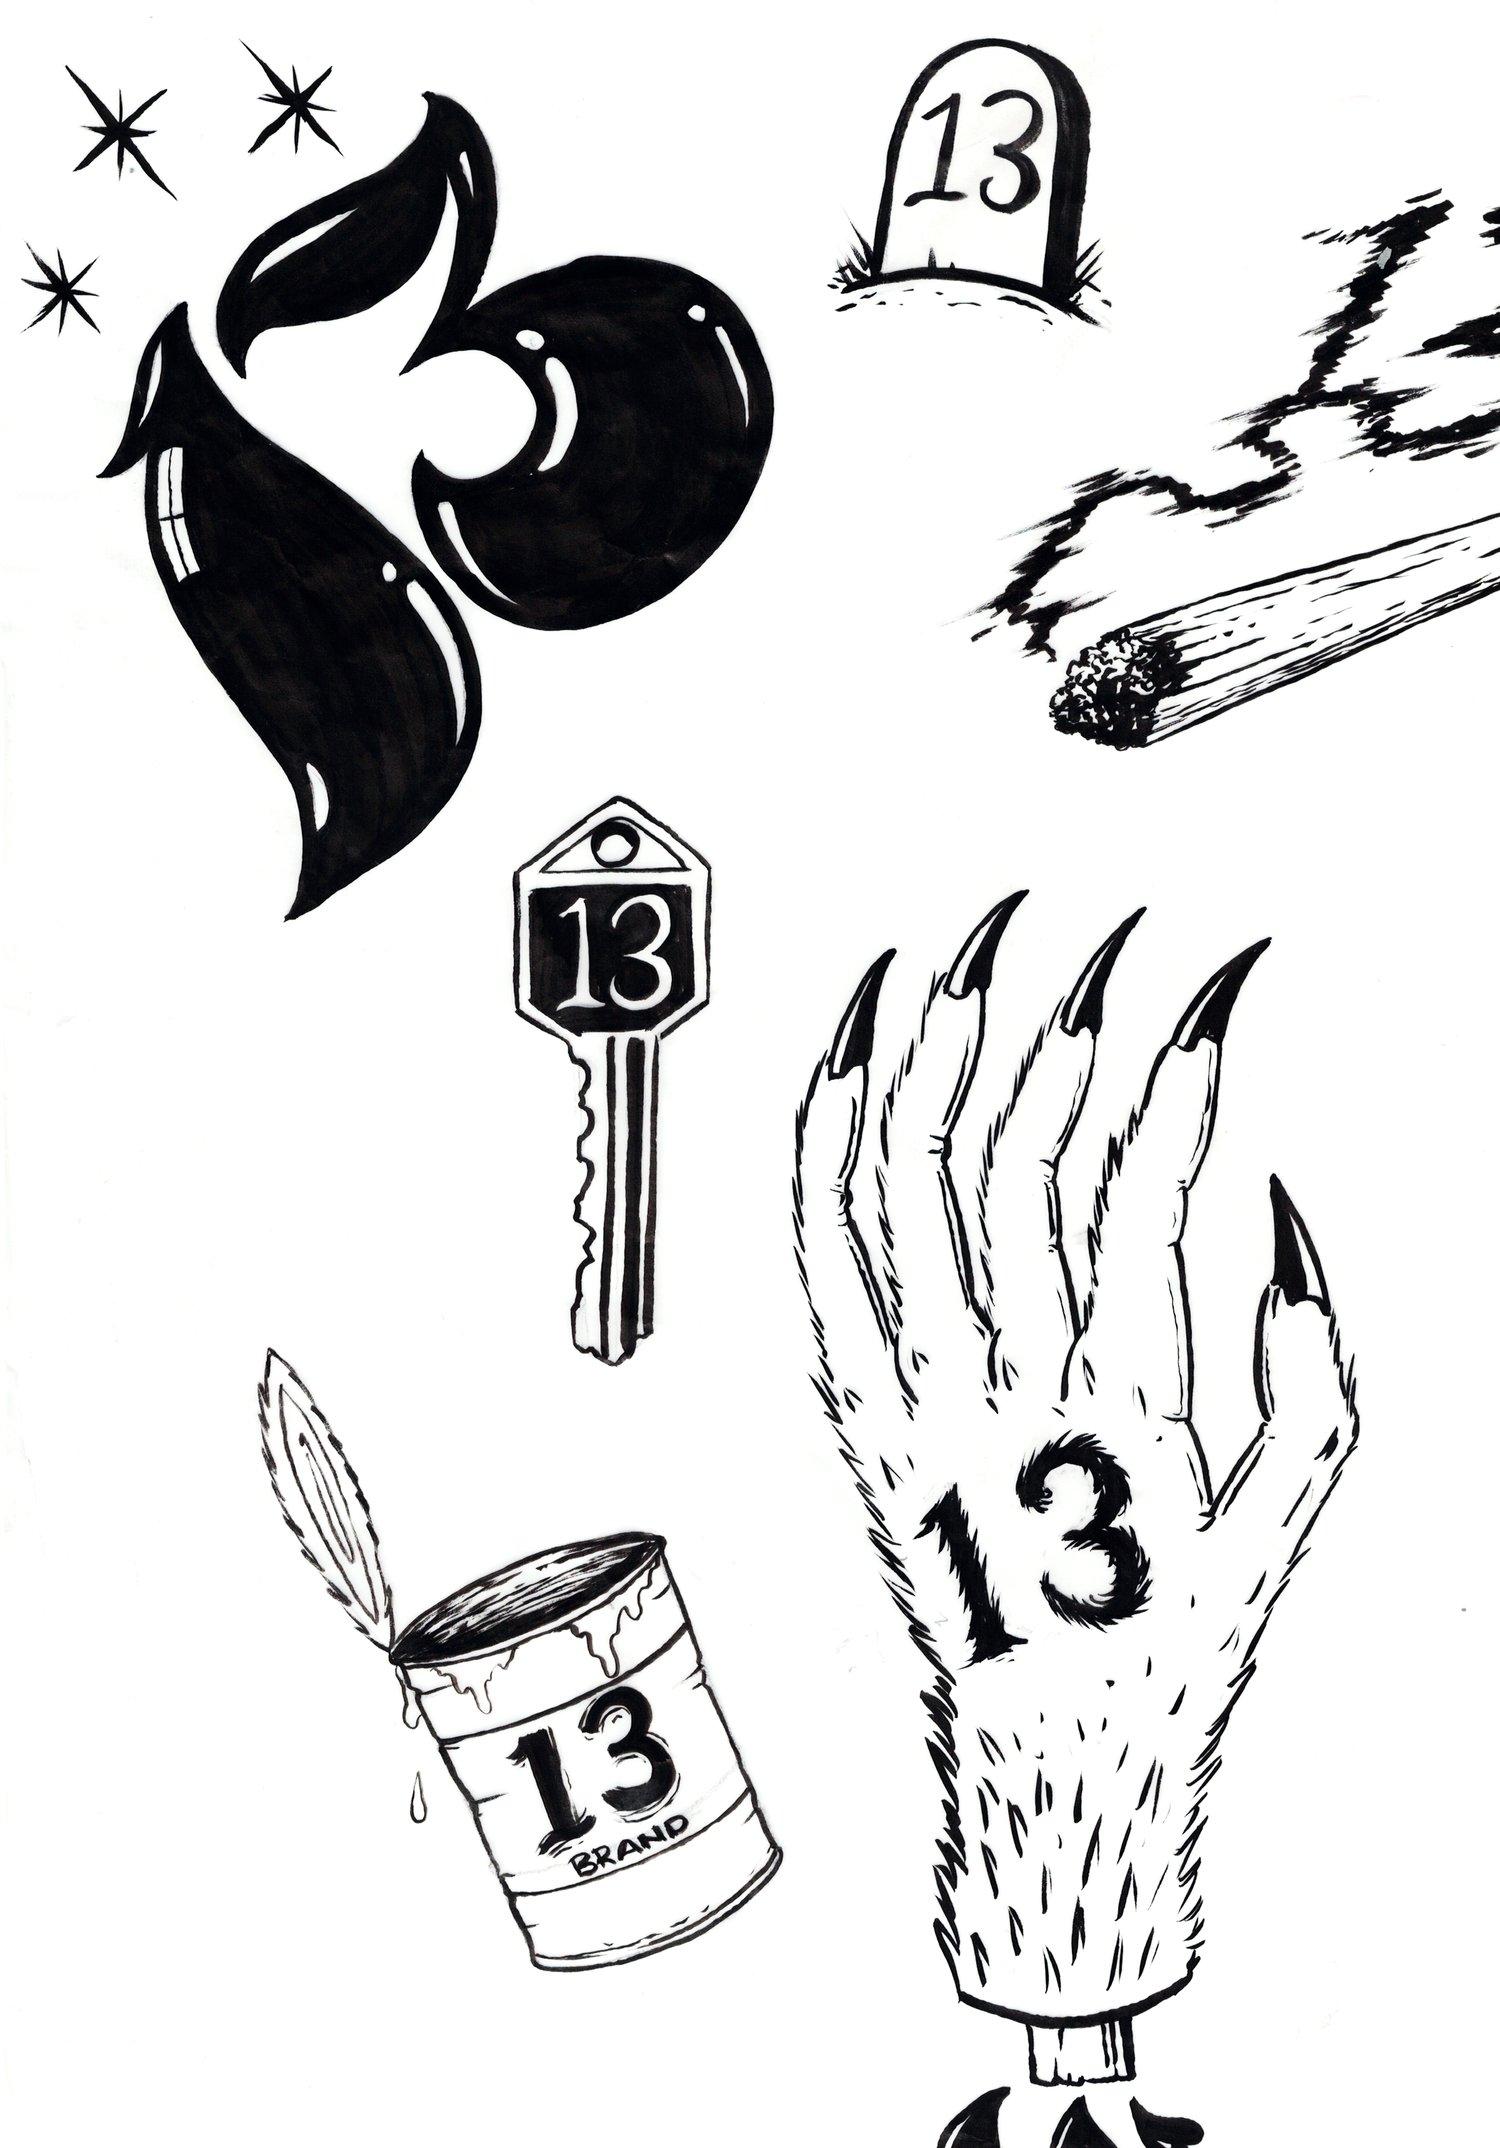 Friday The 13th Tattoo Flash Best Tattoo Ideas